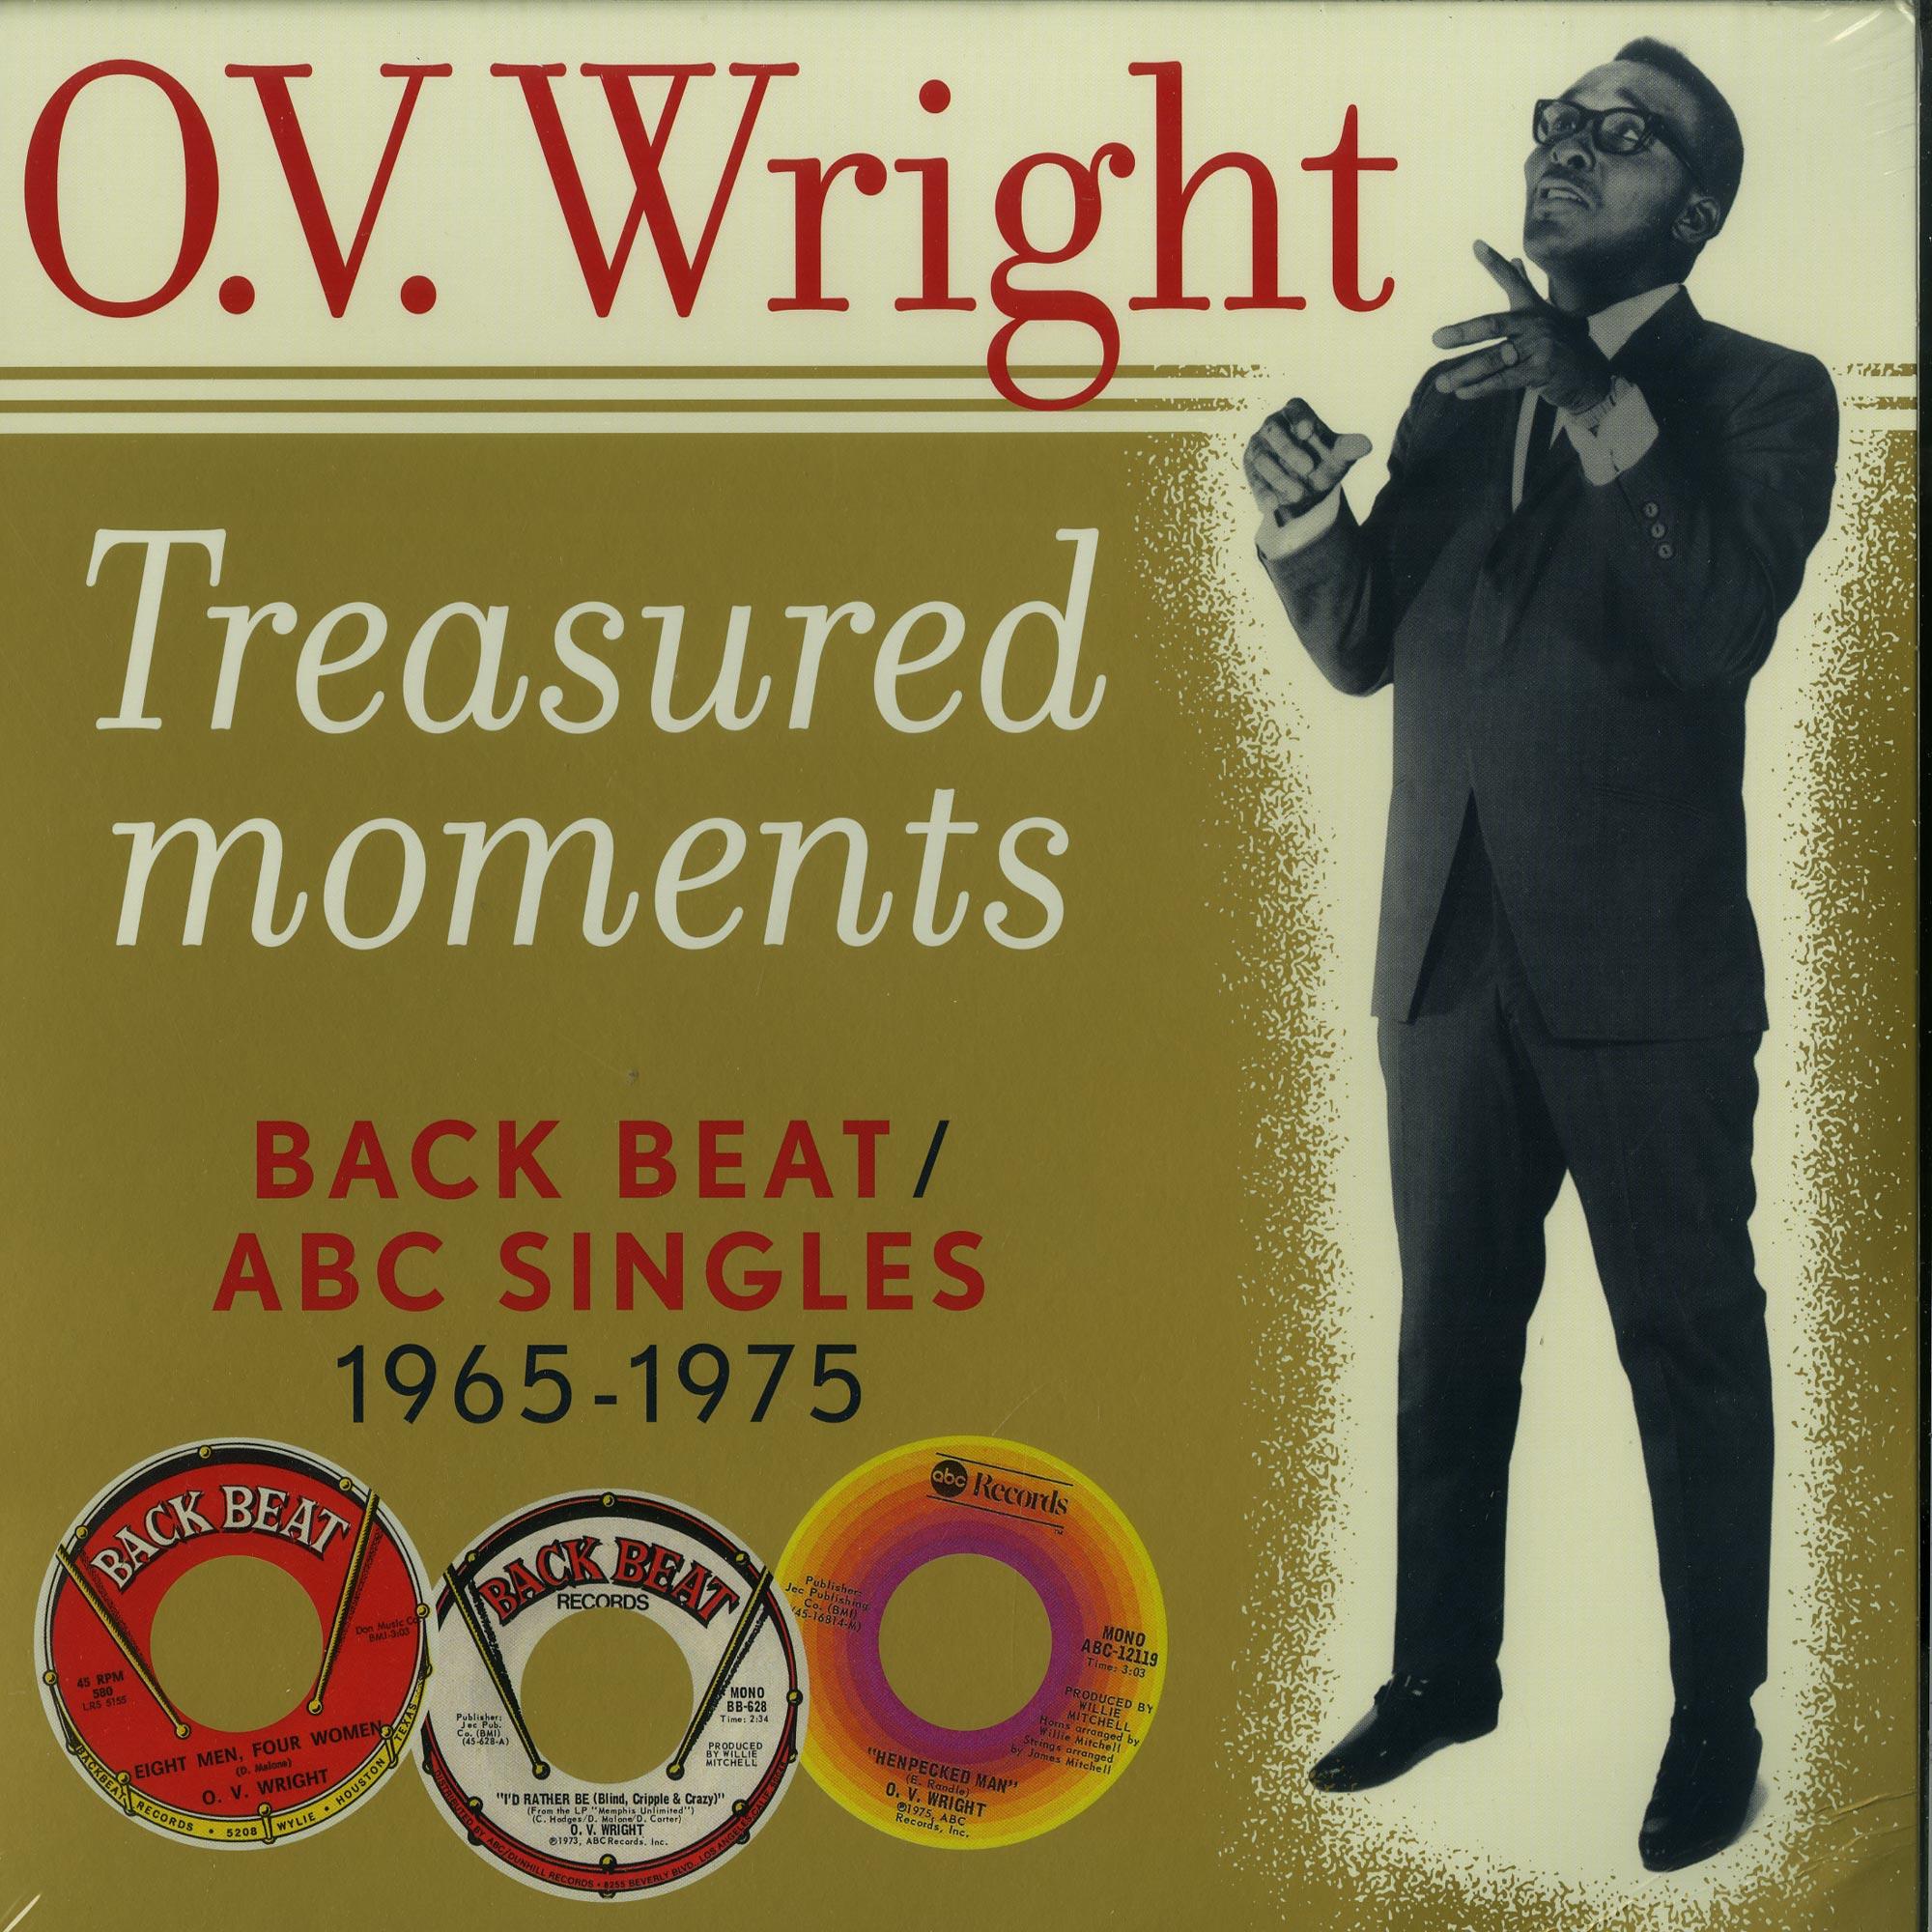 O.V. Wright - TREASURED MOMENTS